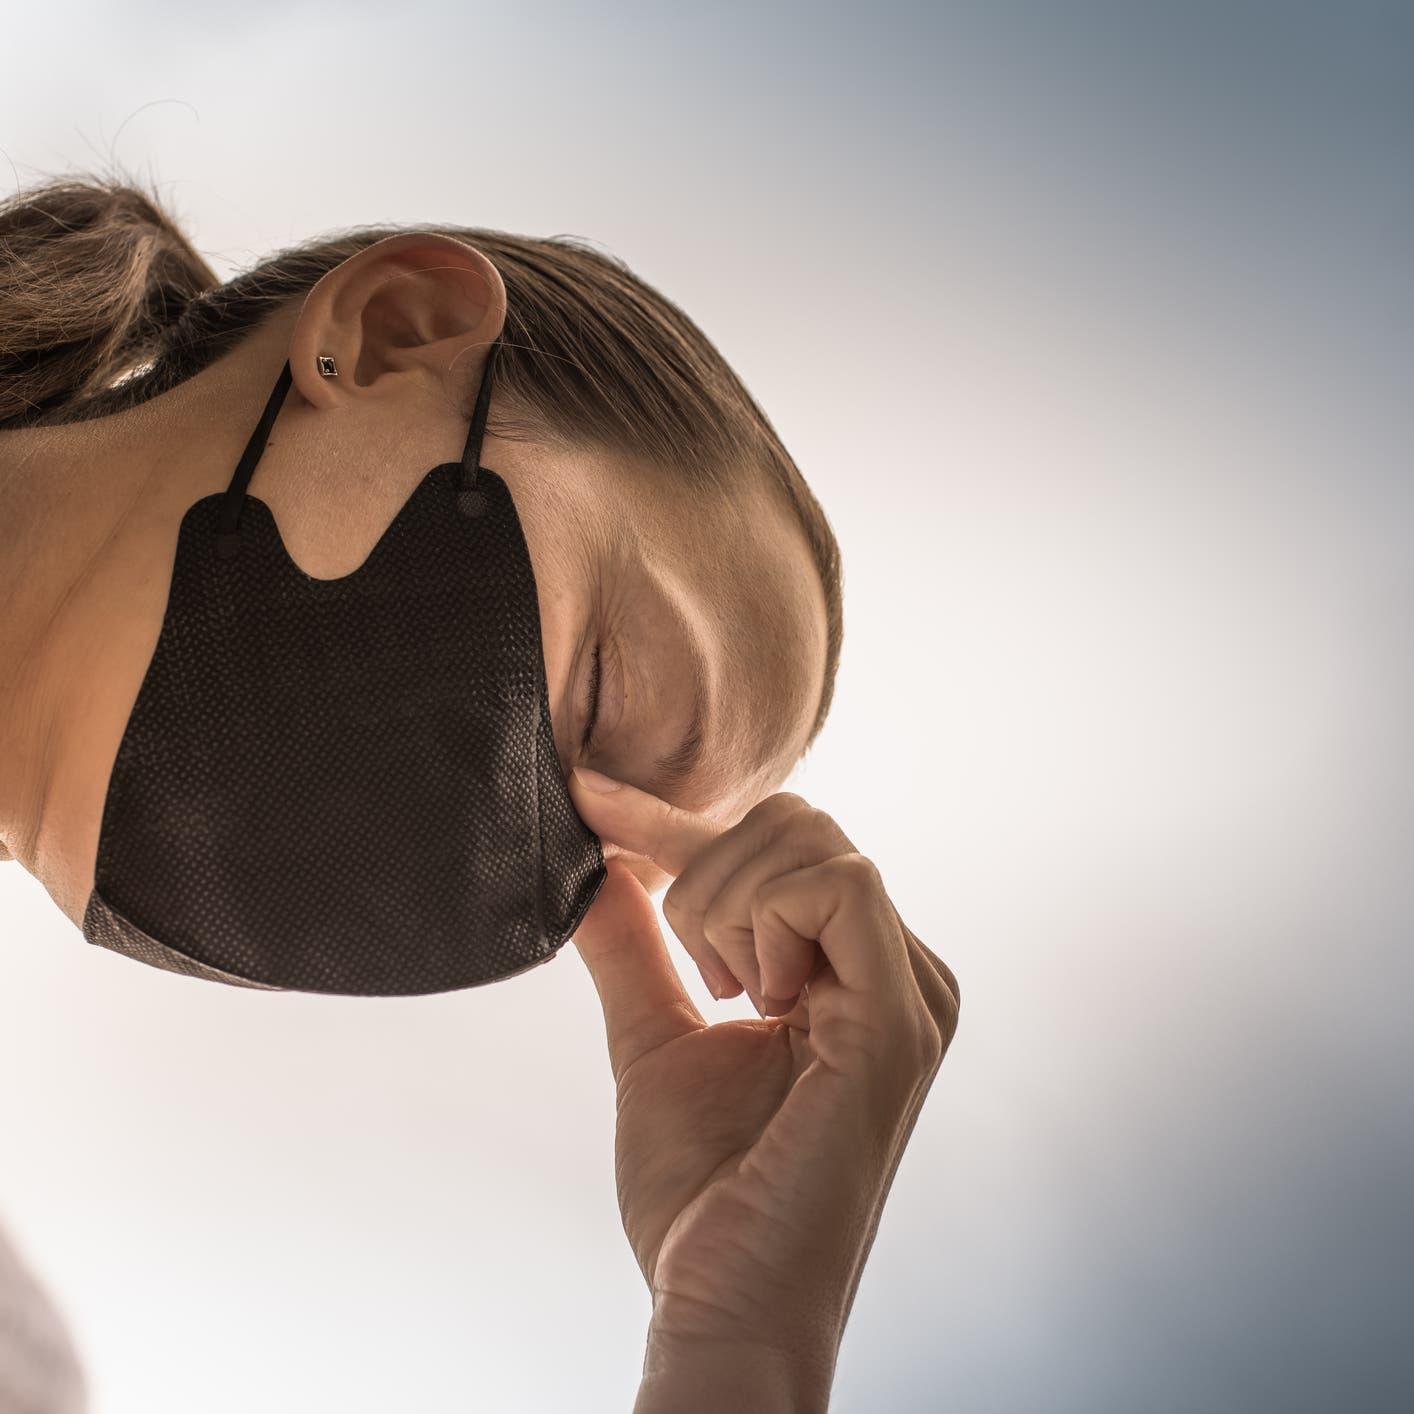 كورونا يُضاعف أعداد المكتئبين ويتسبب بأزمات نفسية